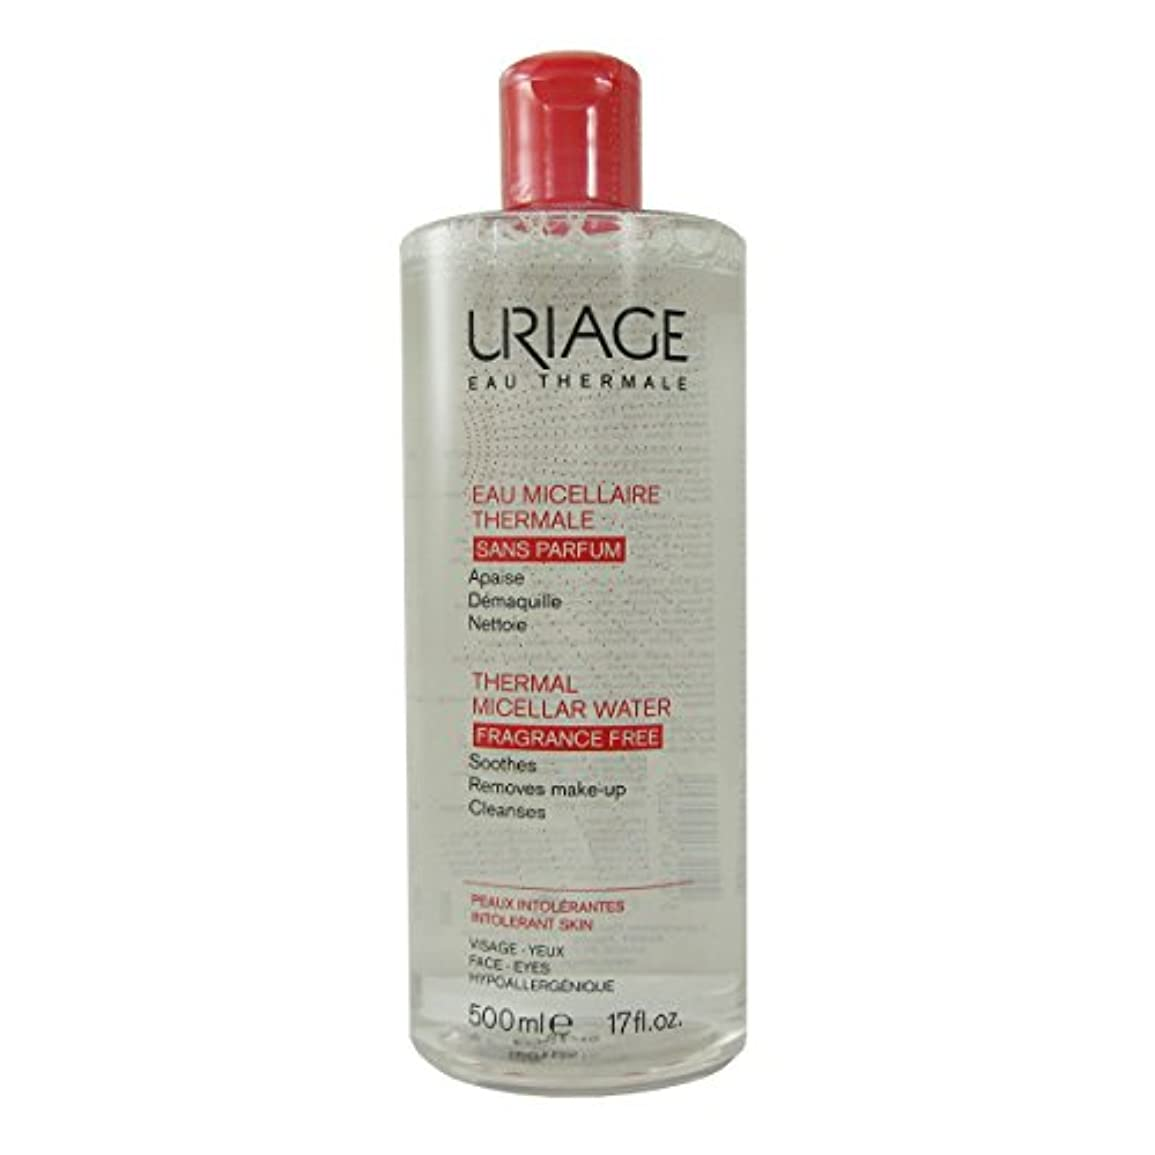 症候群シード兄Uriage Thermal Micellar Water Fragrance Free Intolerant Skin 500ml [並行輸入品]